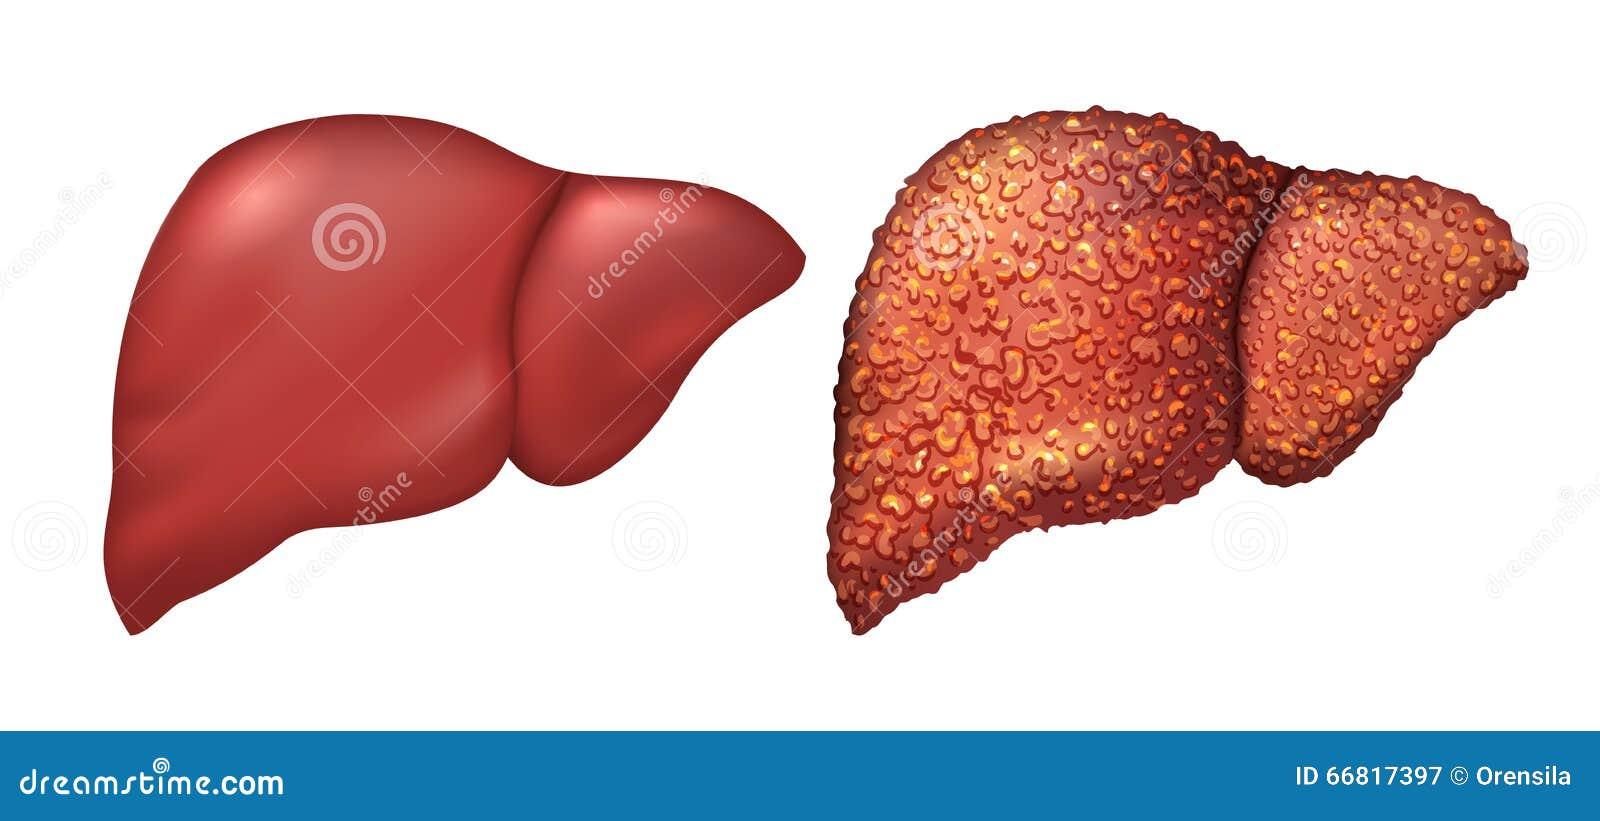 健康人的肝脏 有肝炎的肝脏病人 肝脏是患者 肝脏肝病  反映酒精中毒